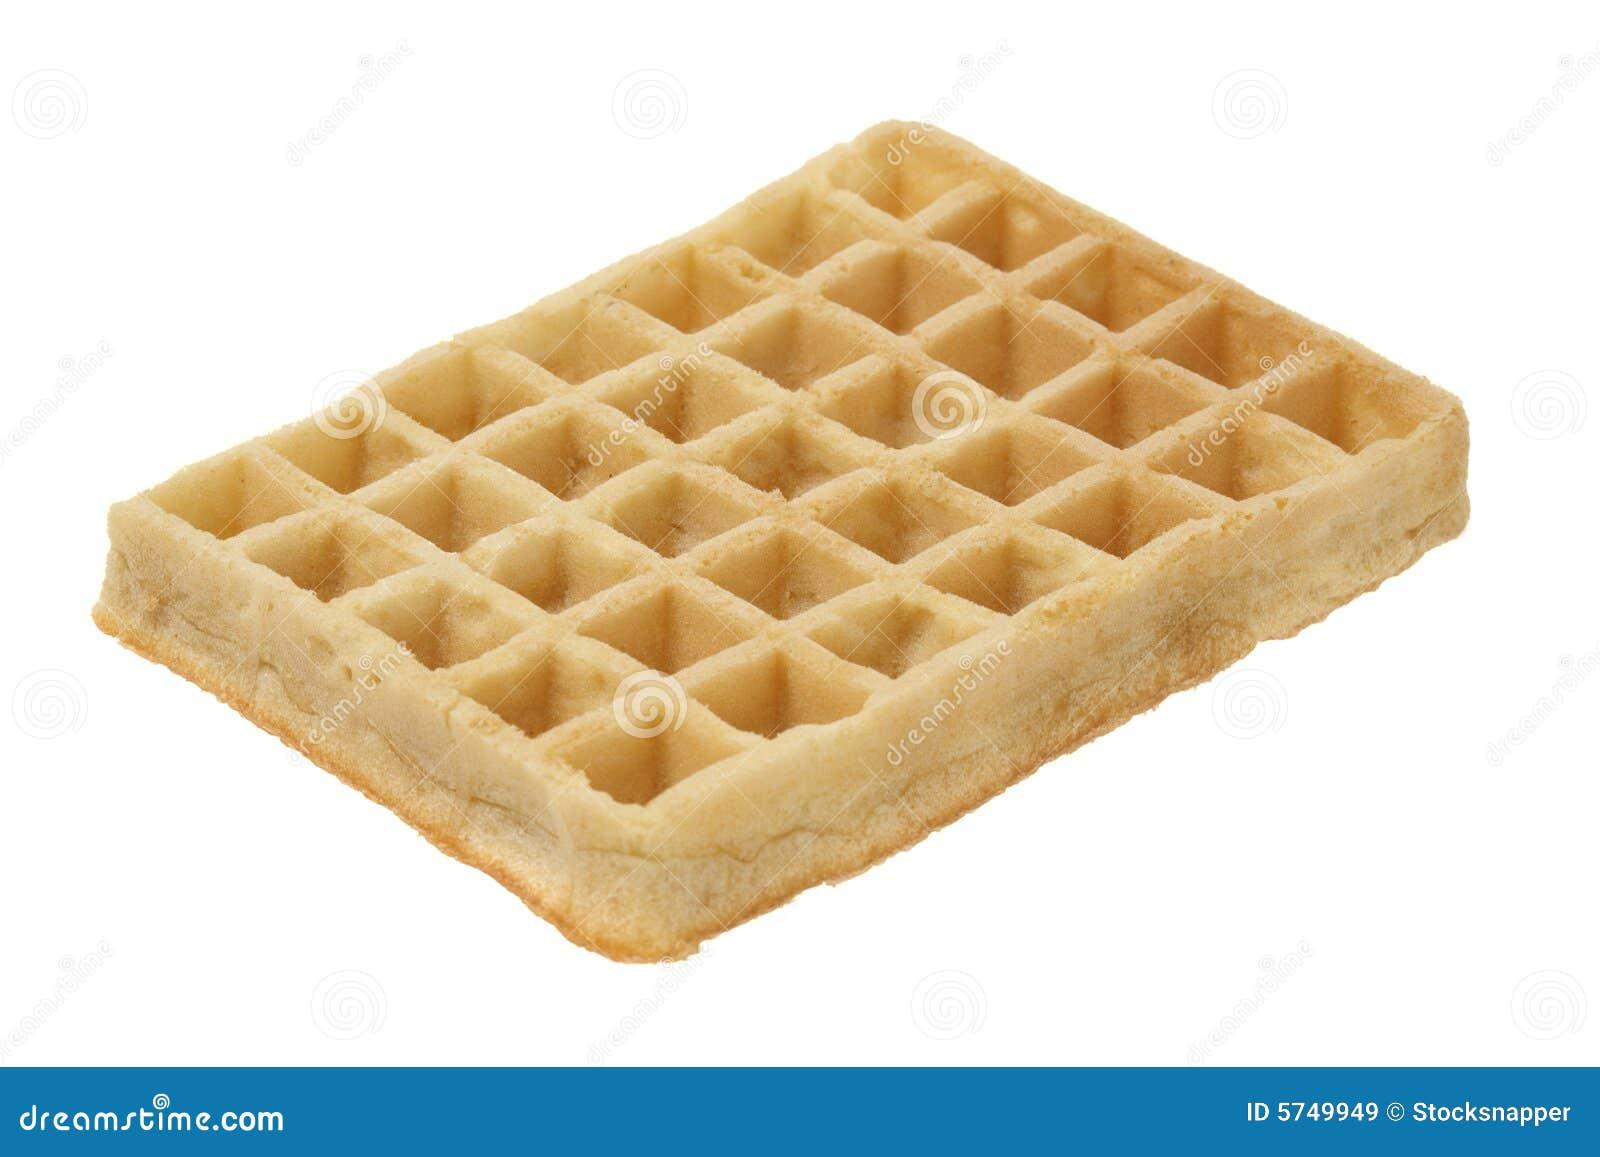 Waffle Royalty Free Stock Images - Image: 5749949